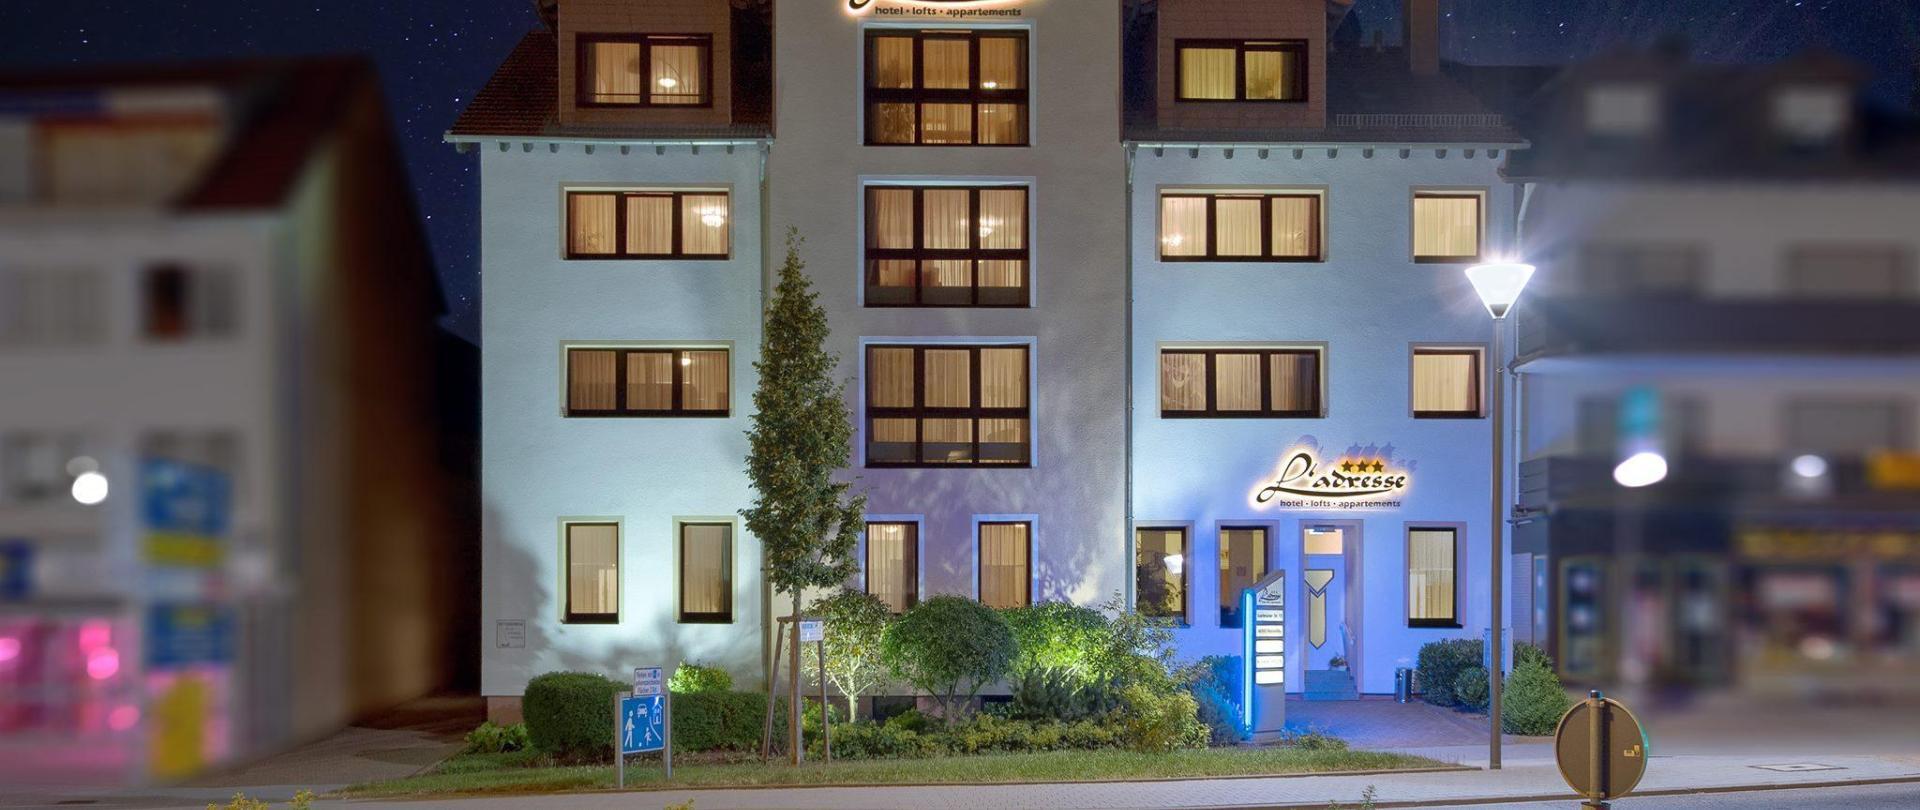 Hotel l'adresse garni